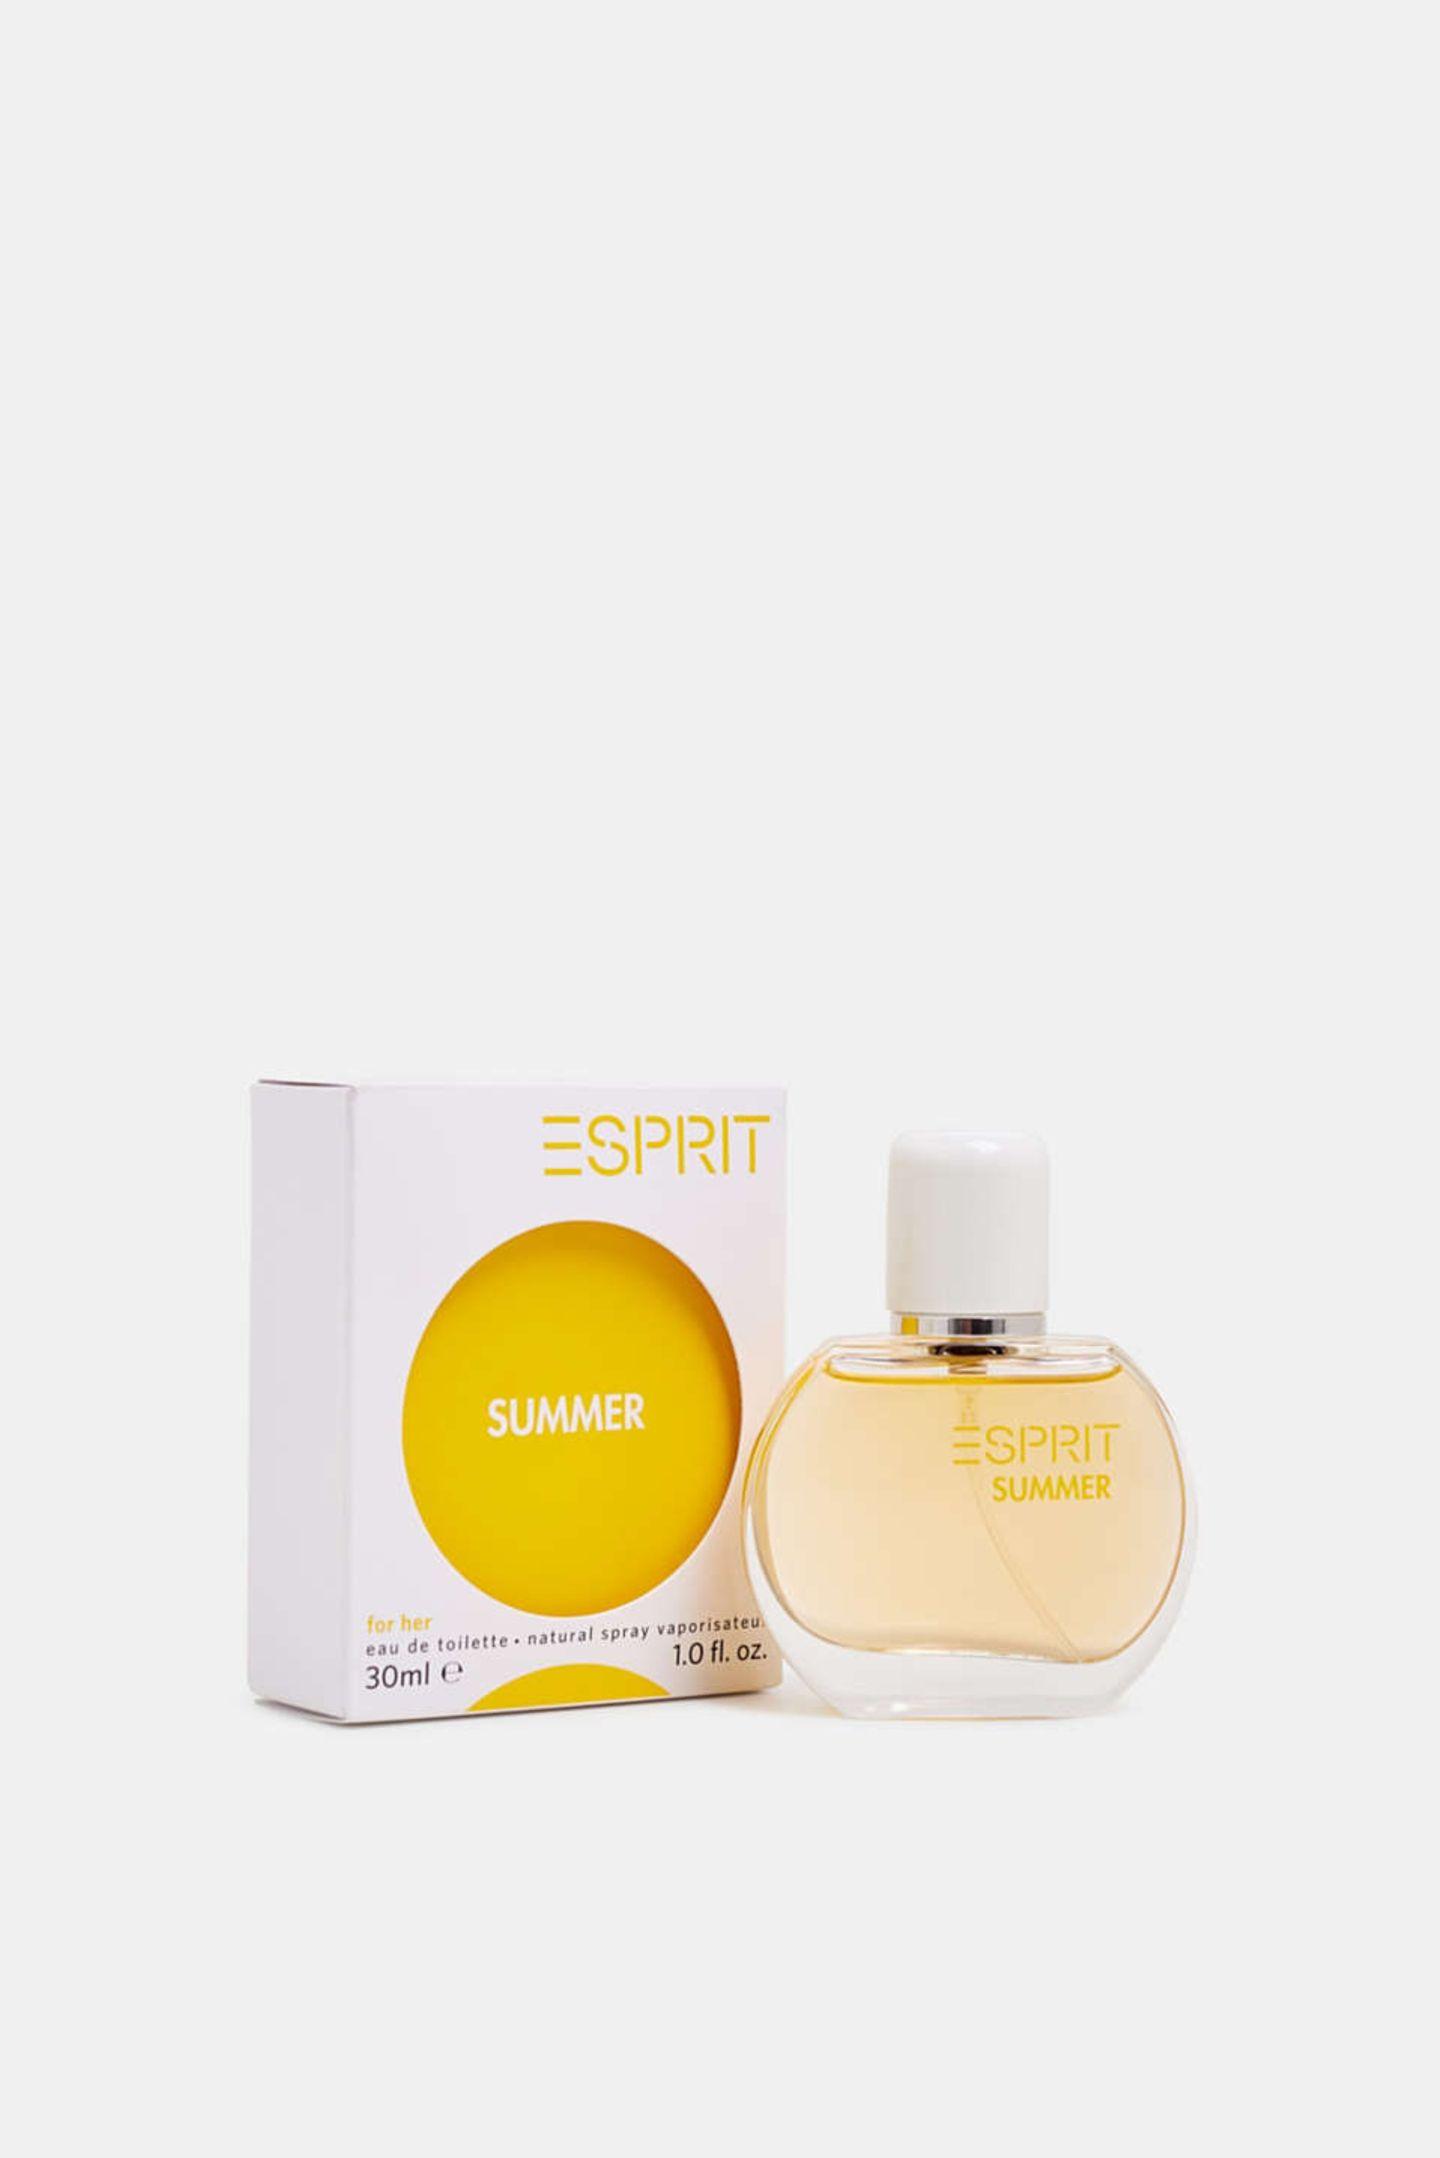 Esprit Summer EdT